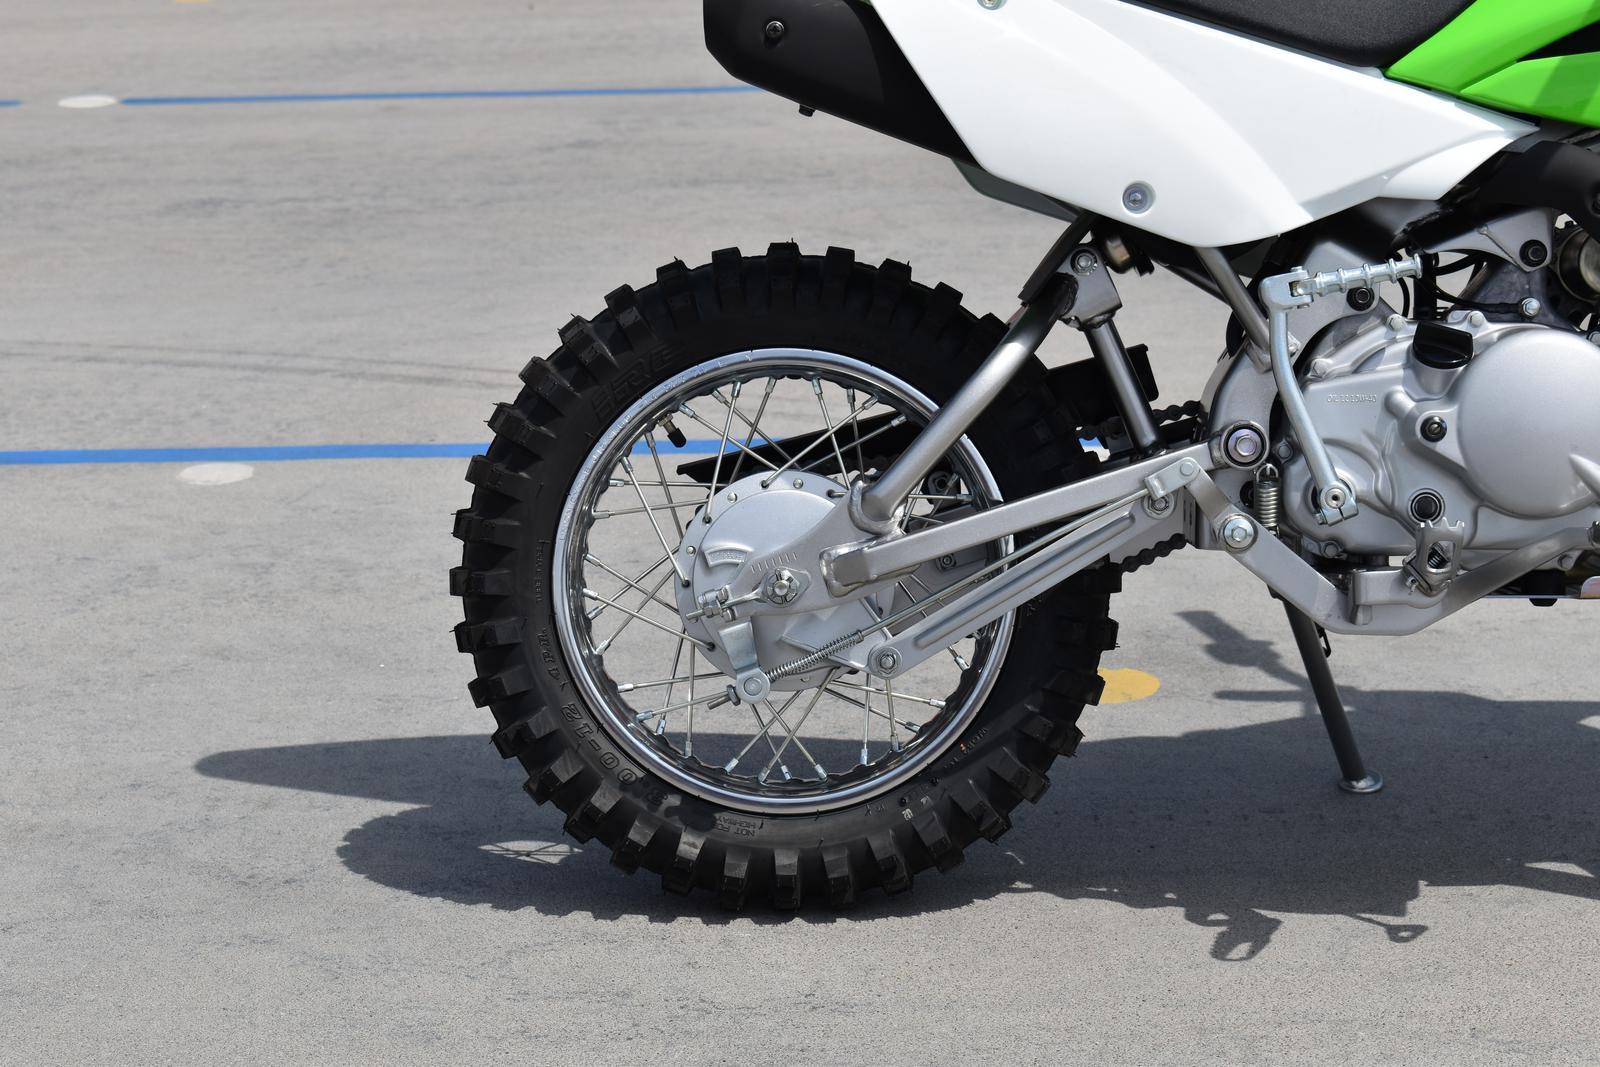 2020 Kawasaki KLX 110